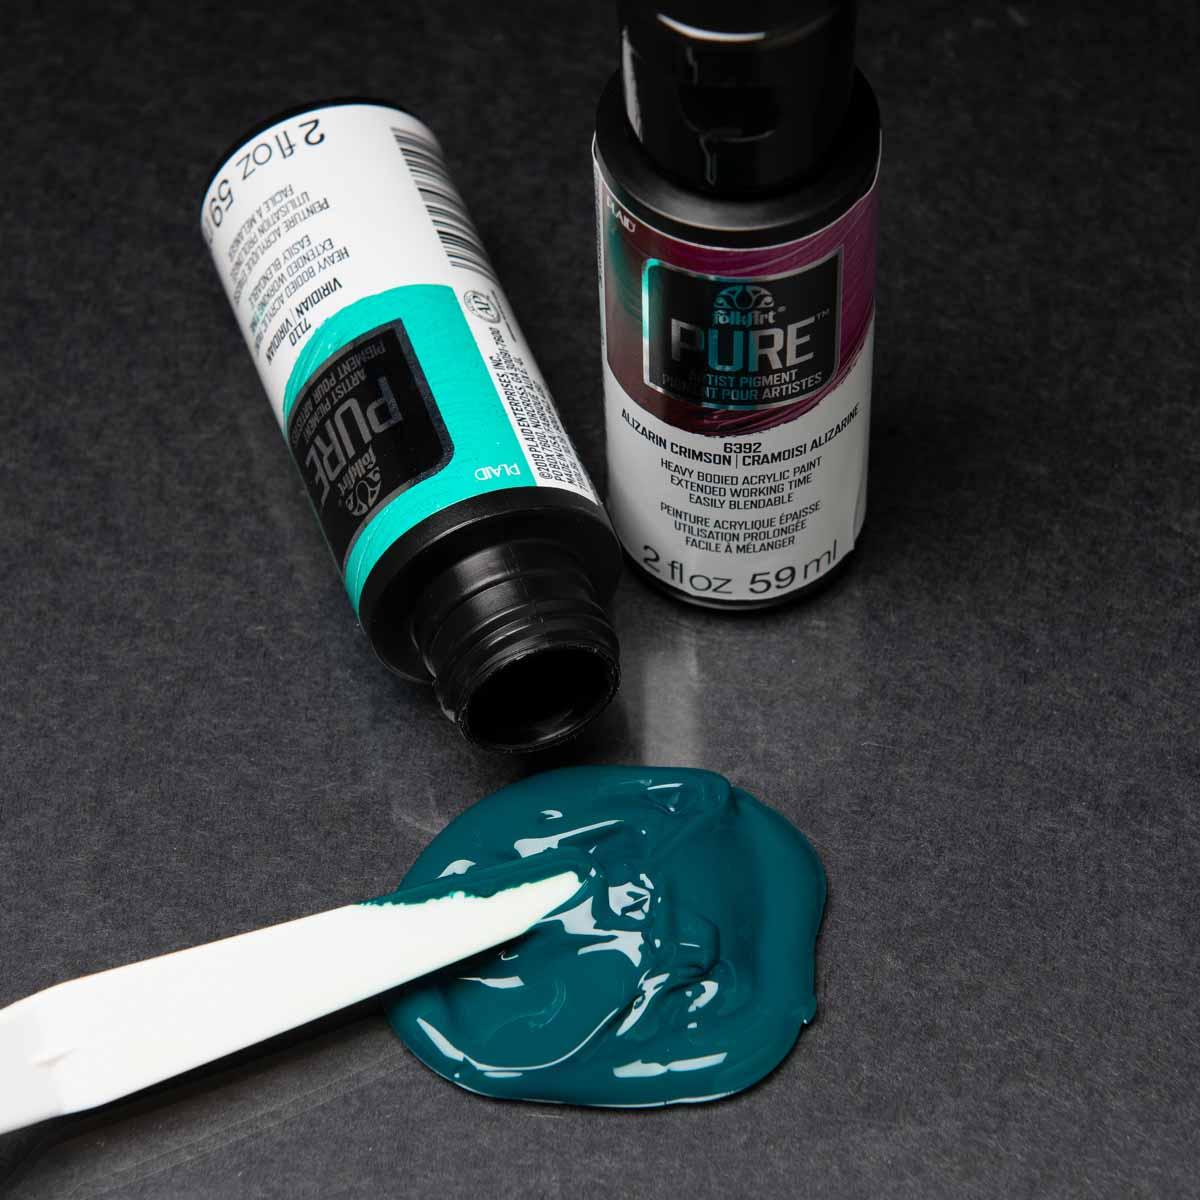 FolkArt ® Pure™ Artist Pigment - Prussian Blue, 2 oz. - 7103